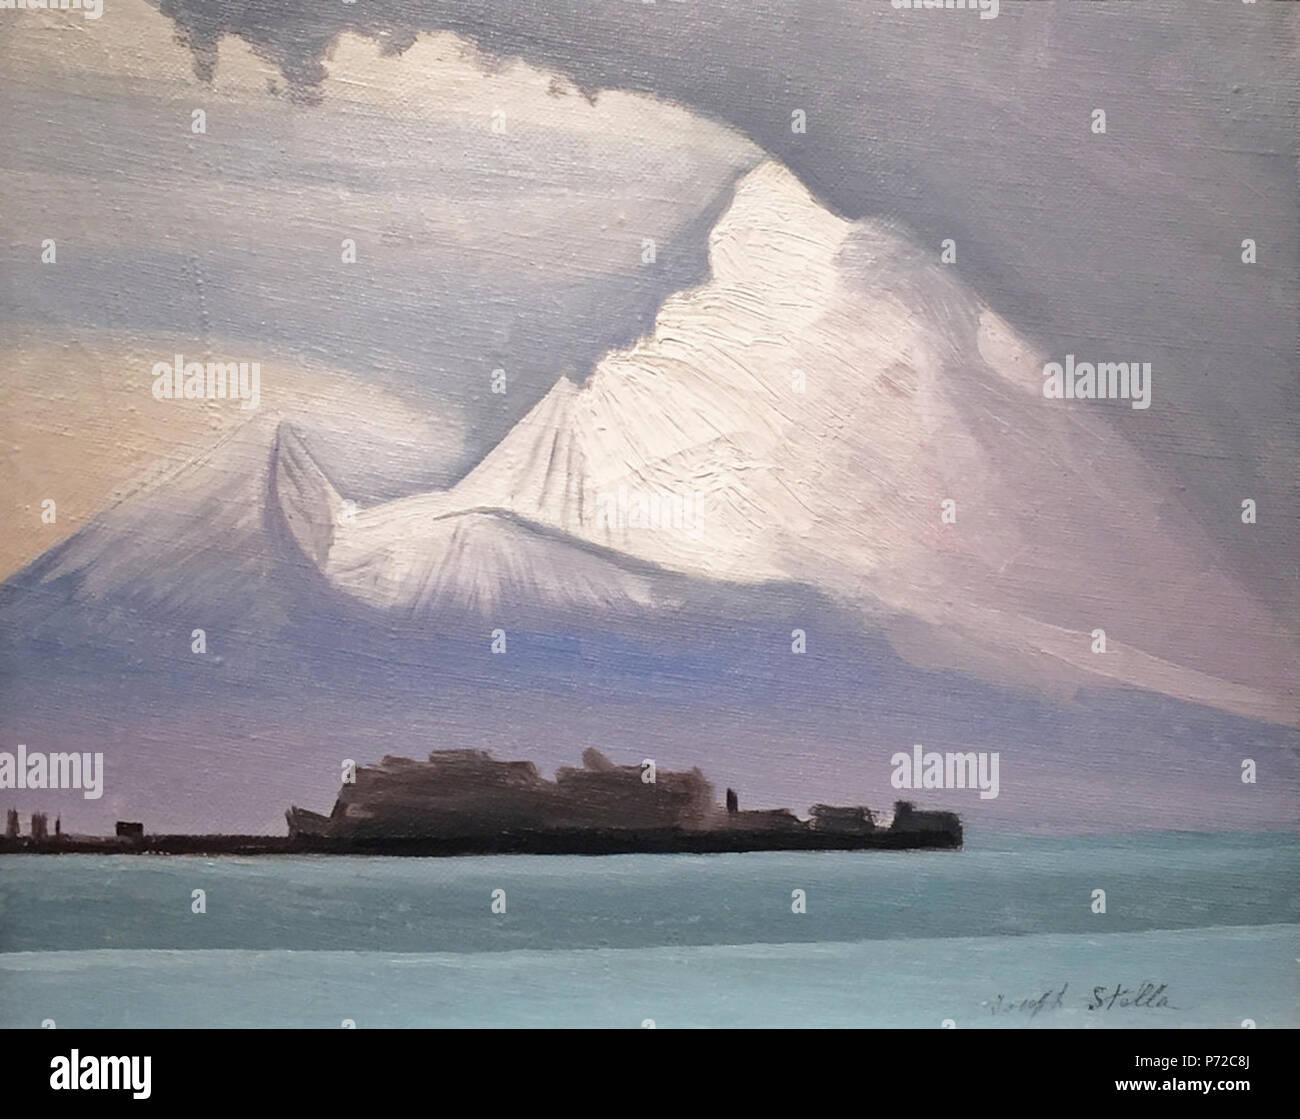 English Vesuvius Iii By Joseph Stella  Inches 25  5 Cm Oil On Canvas N A 48 Vesuvius Iii By Joseph Stella Oil On Canvas